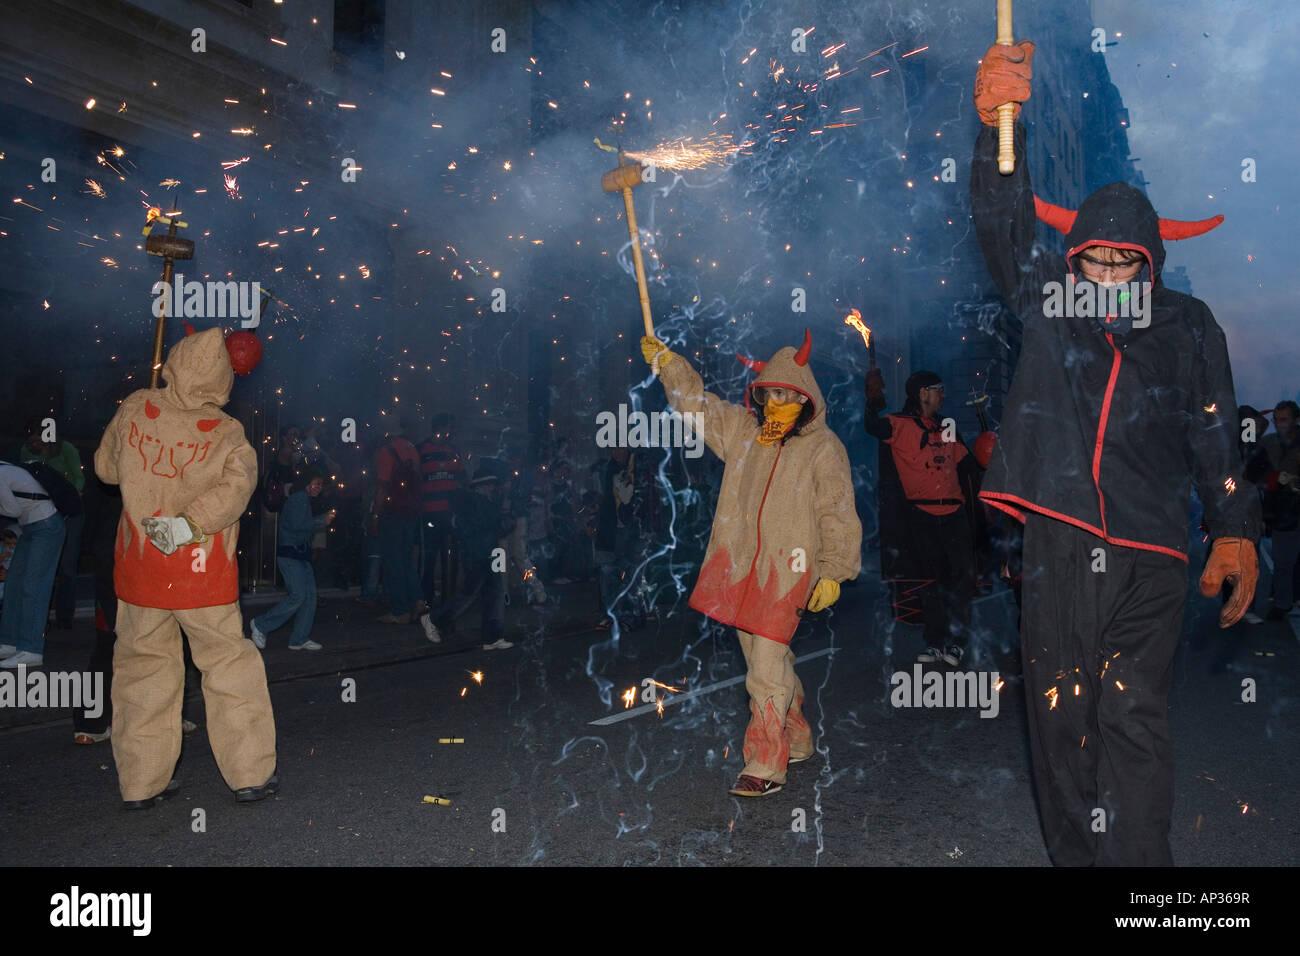 Correfoc, fuochi d'artificio, Festa de la Merce, festa della città, Settembre, Barri Gotic, Ciutat Vella, Immagini Stock